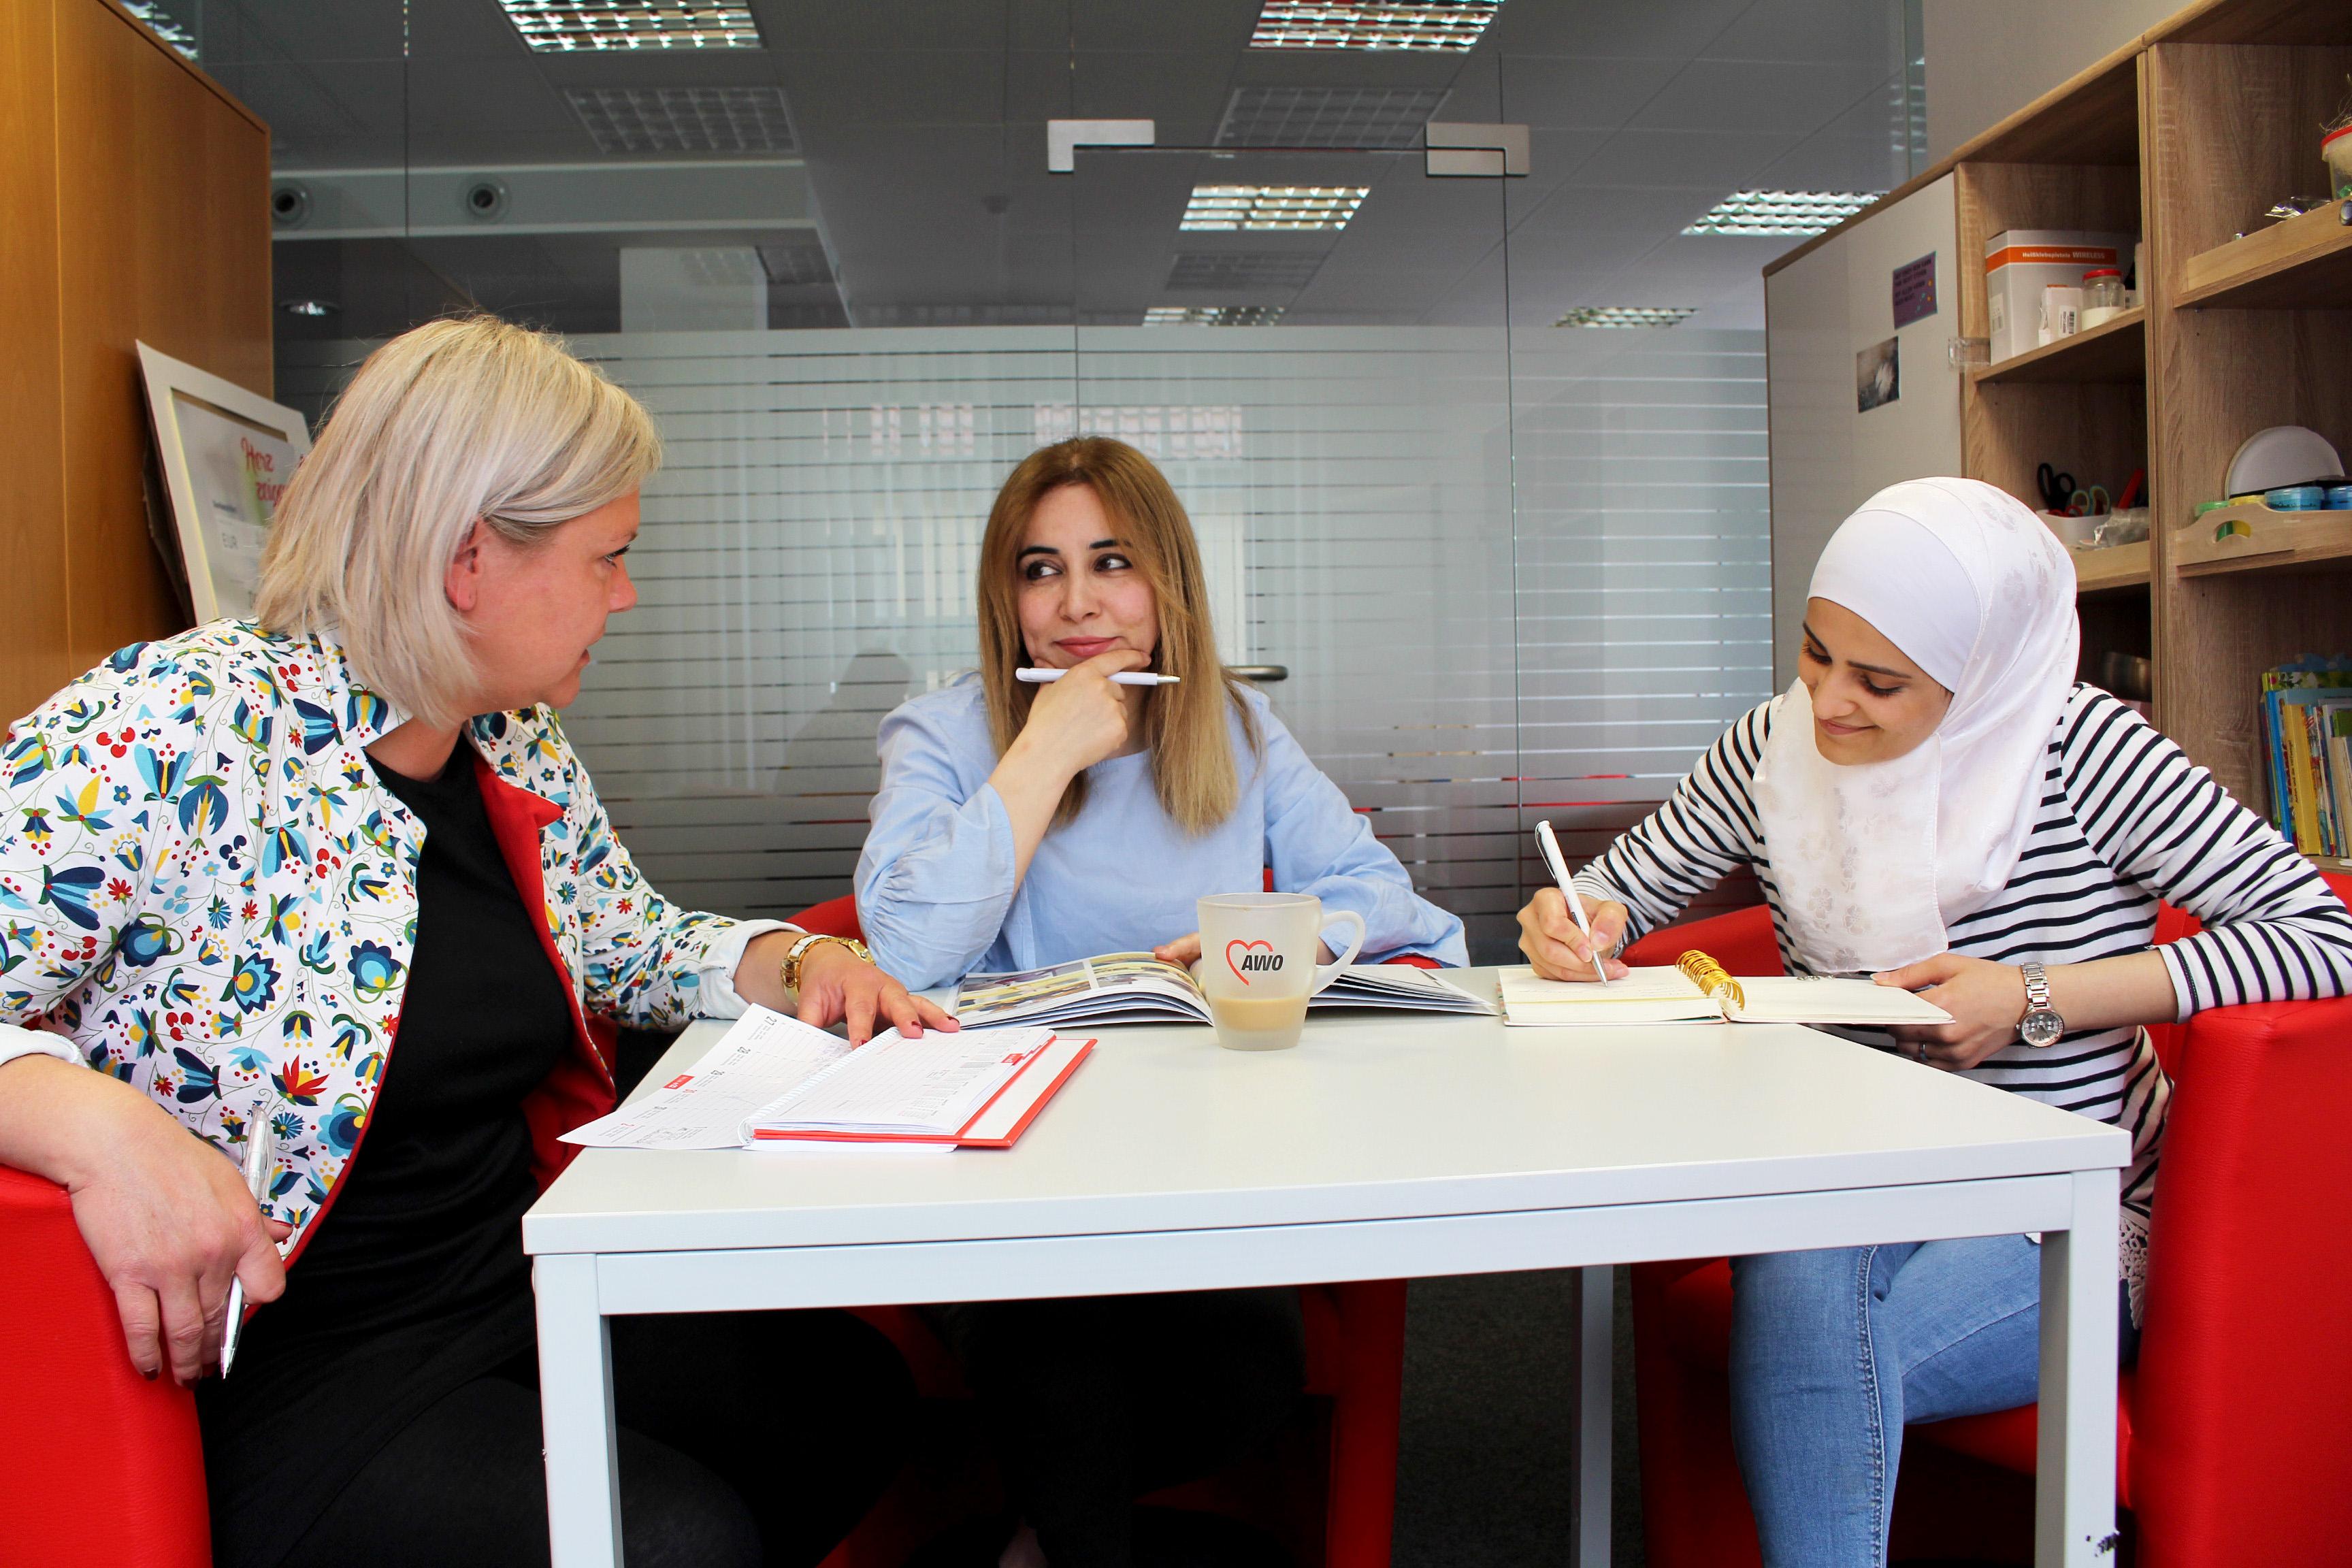 Drei Frauen sitzen an einem Tisch und reden miteinander.